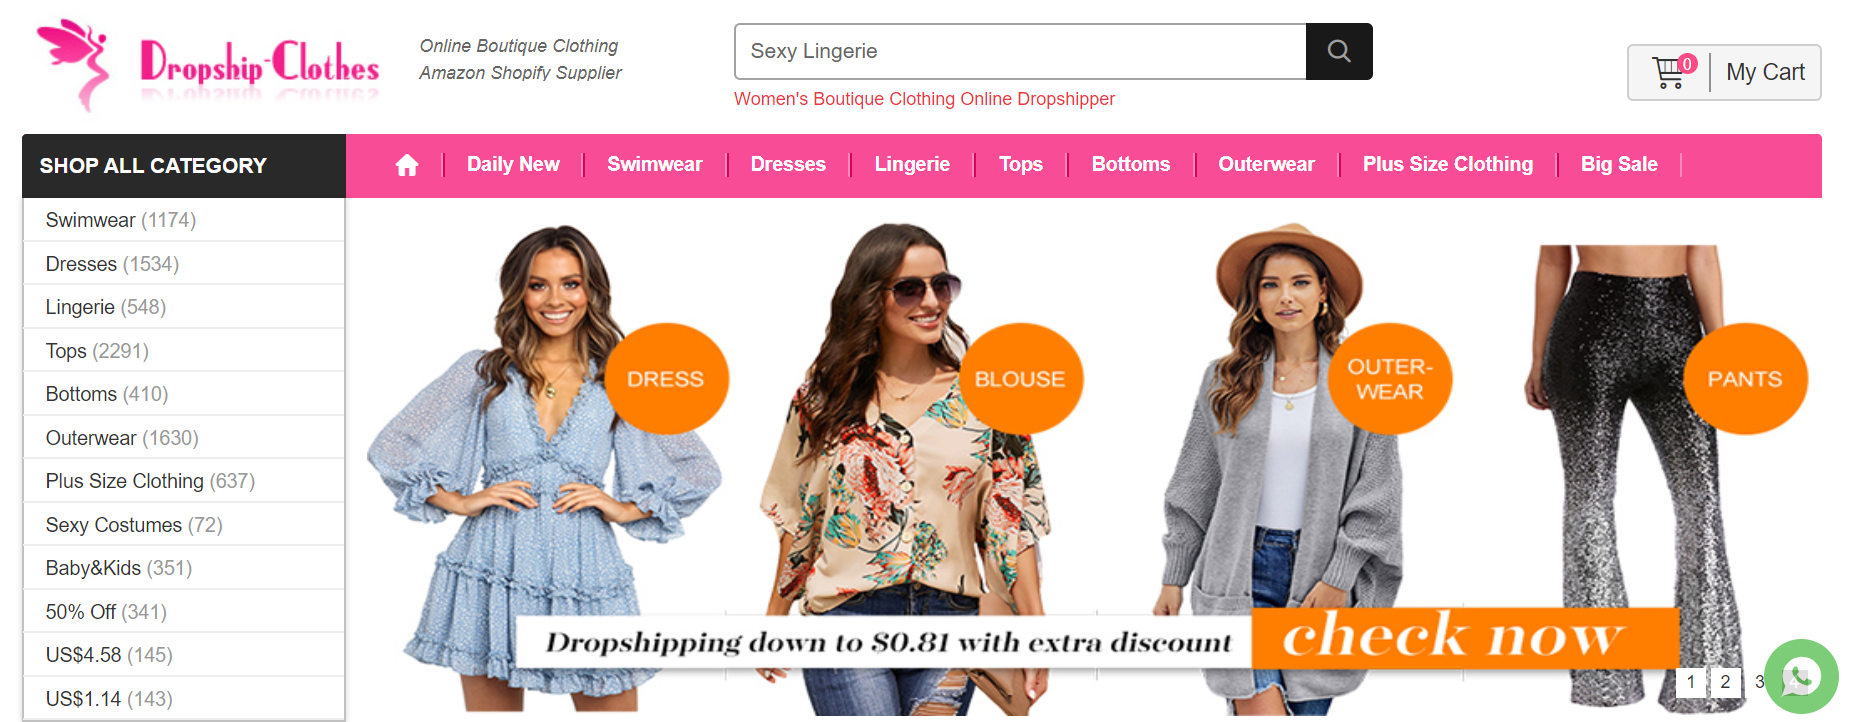 Dropship-clothes.com Интернет-магазин одежды